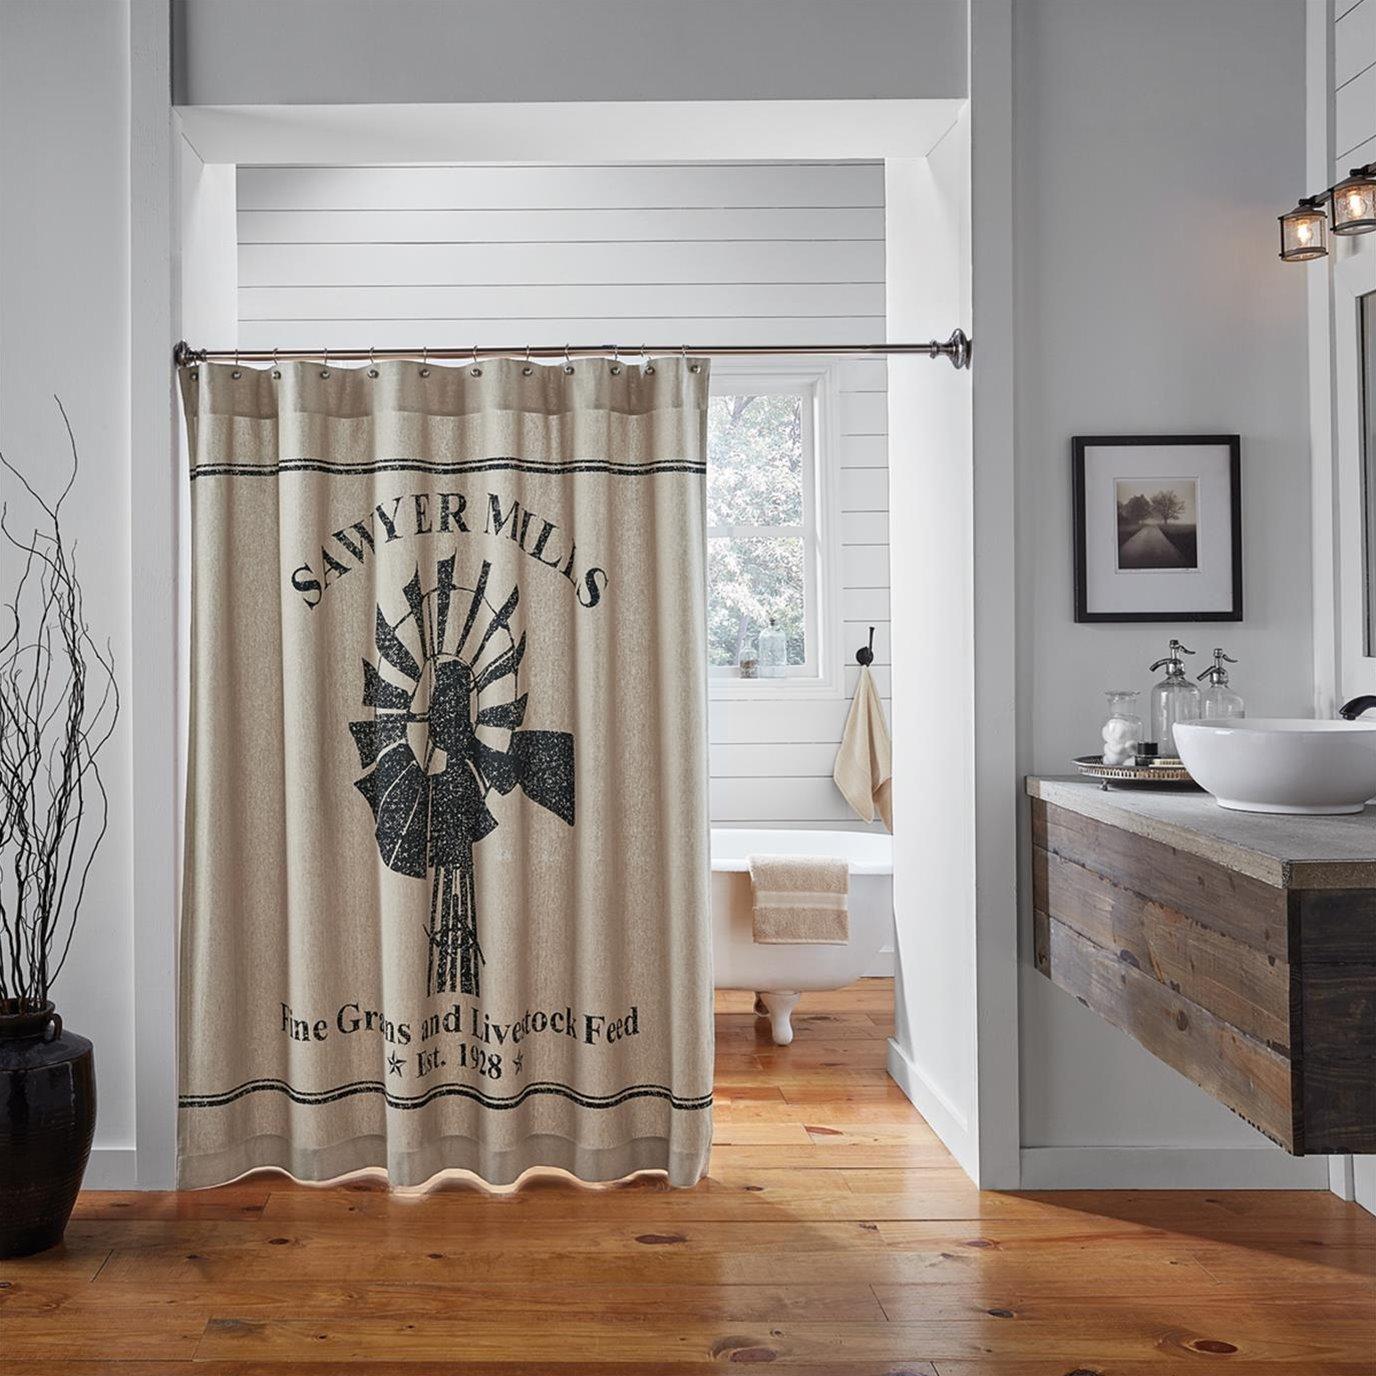 Sawyer Mill Charcoal Windmill Shower Curtain 72x72